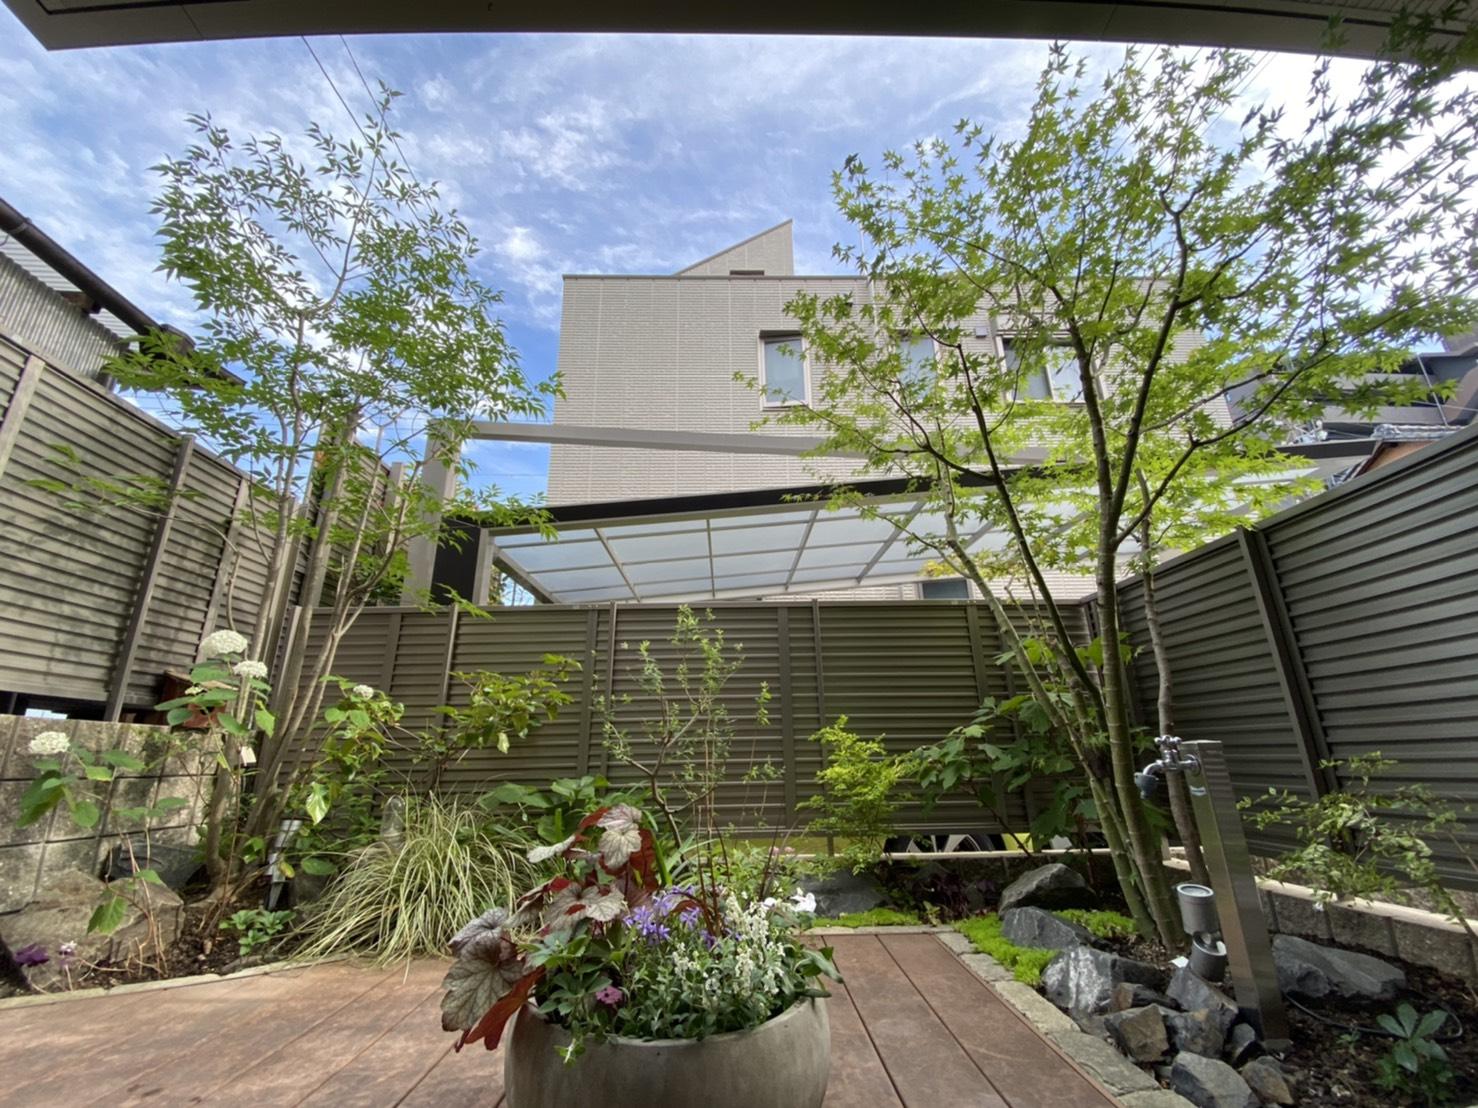 """はなあーとの時お世話になった""""昭和デッキで過ごす・デッキを楽しむ庭""""のイメージ"""